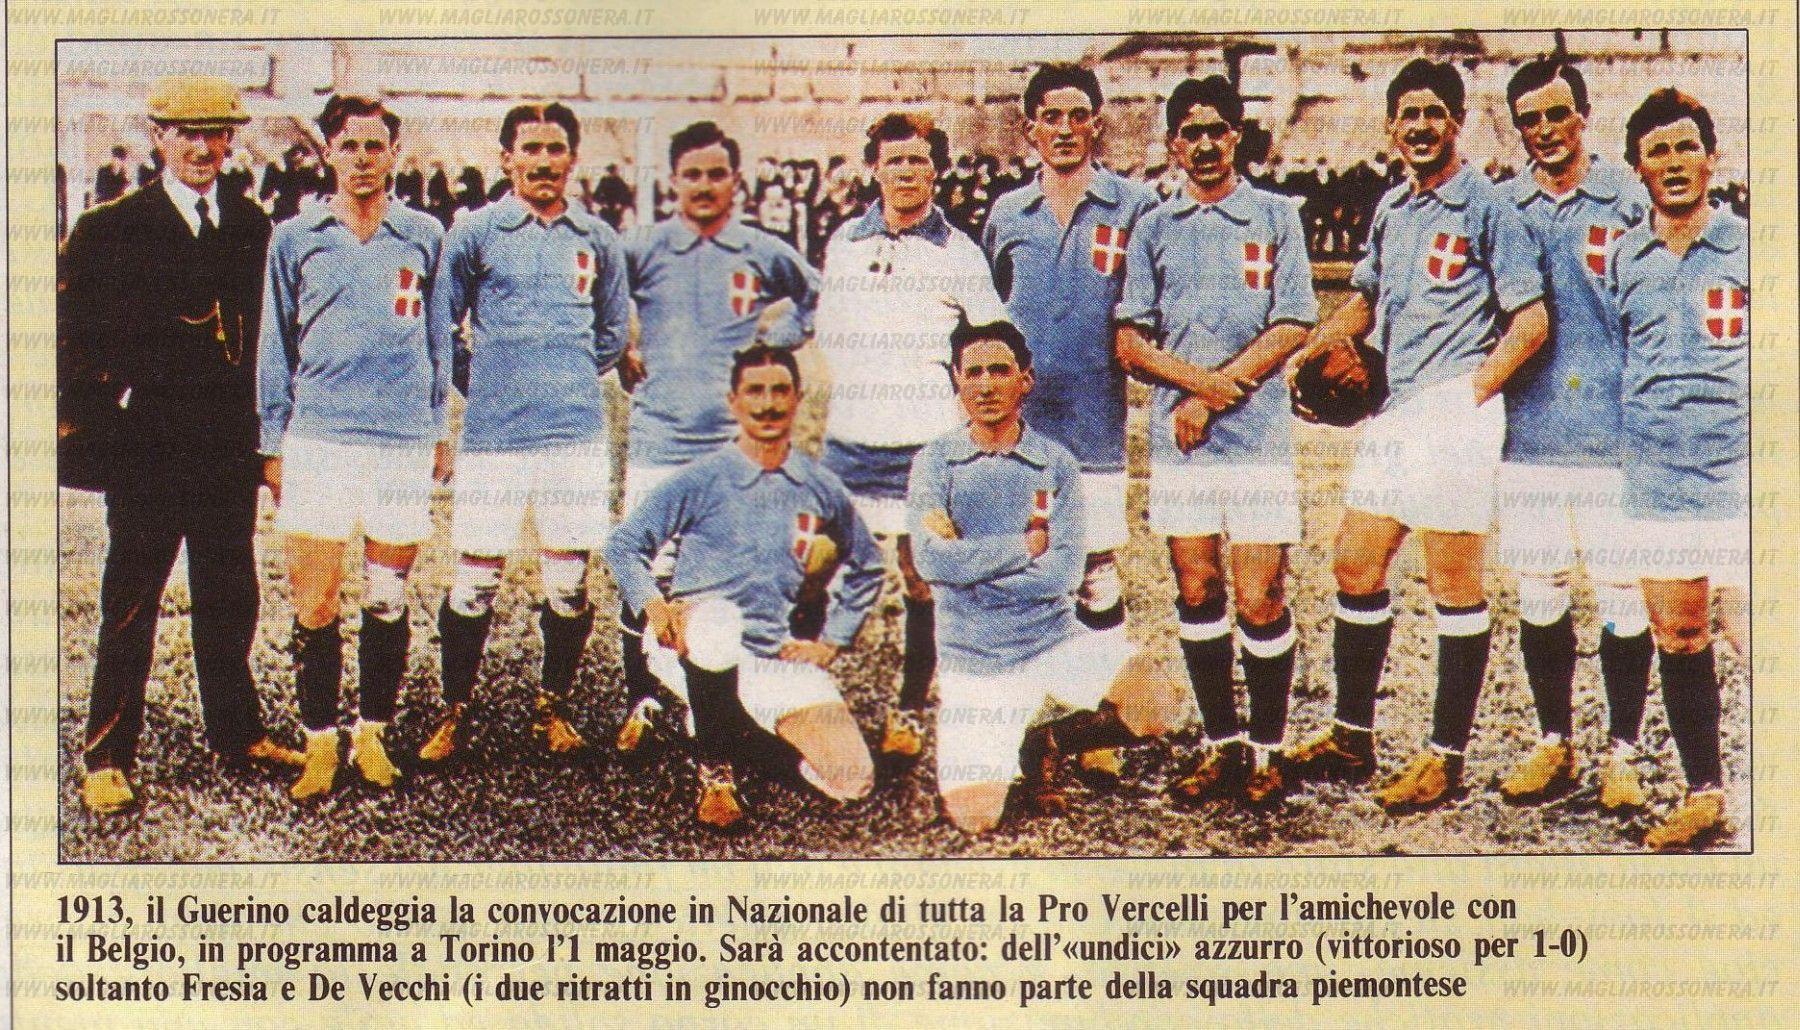 Pro Vercelli era uma potência no início do Século XX